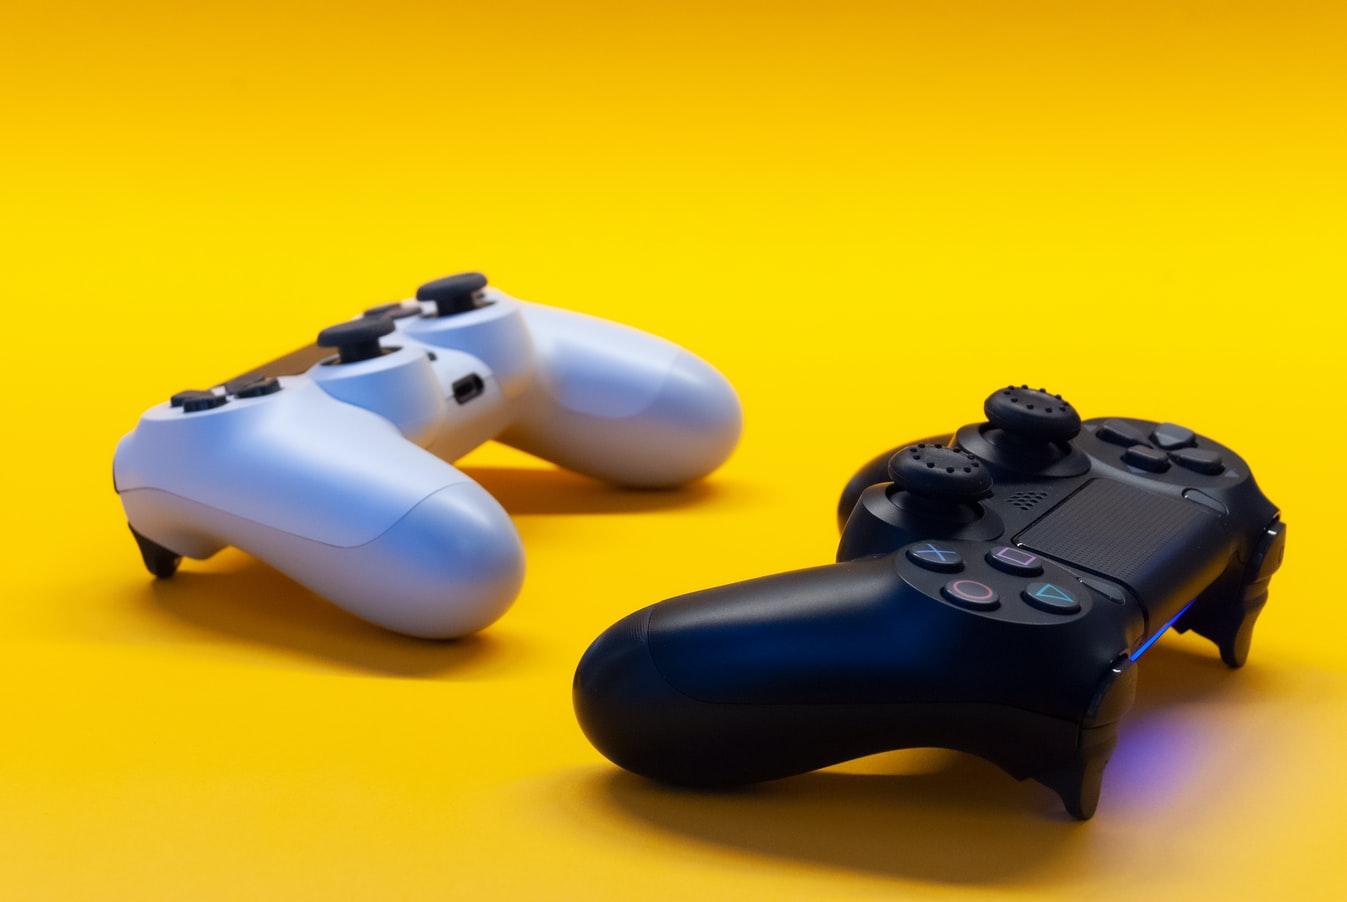 アニメ・マンガと関係のあるビデオゲーム